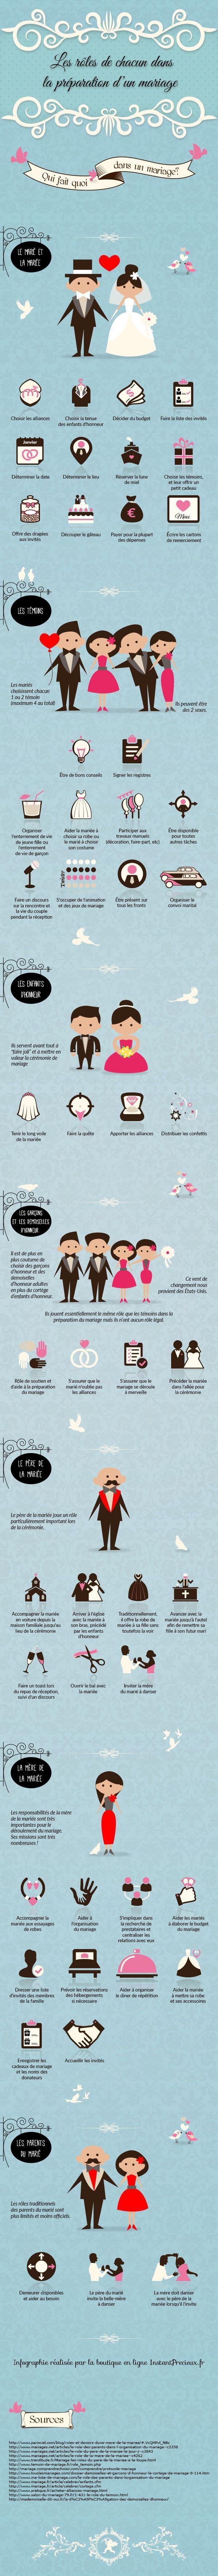 Un mariage s'organise plusieurs mois à l'avance. Votre rétroplanning est prêt mais, vous n'êtes pas contre un petit coup de main...